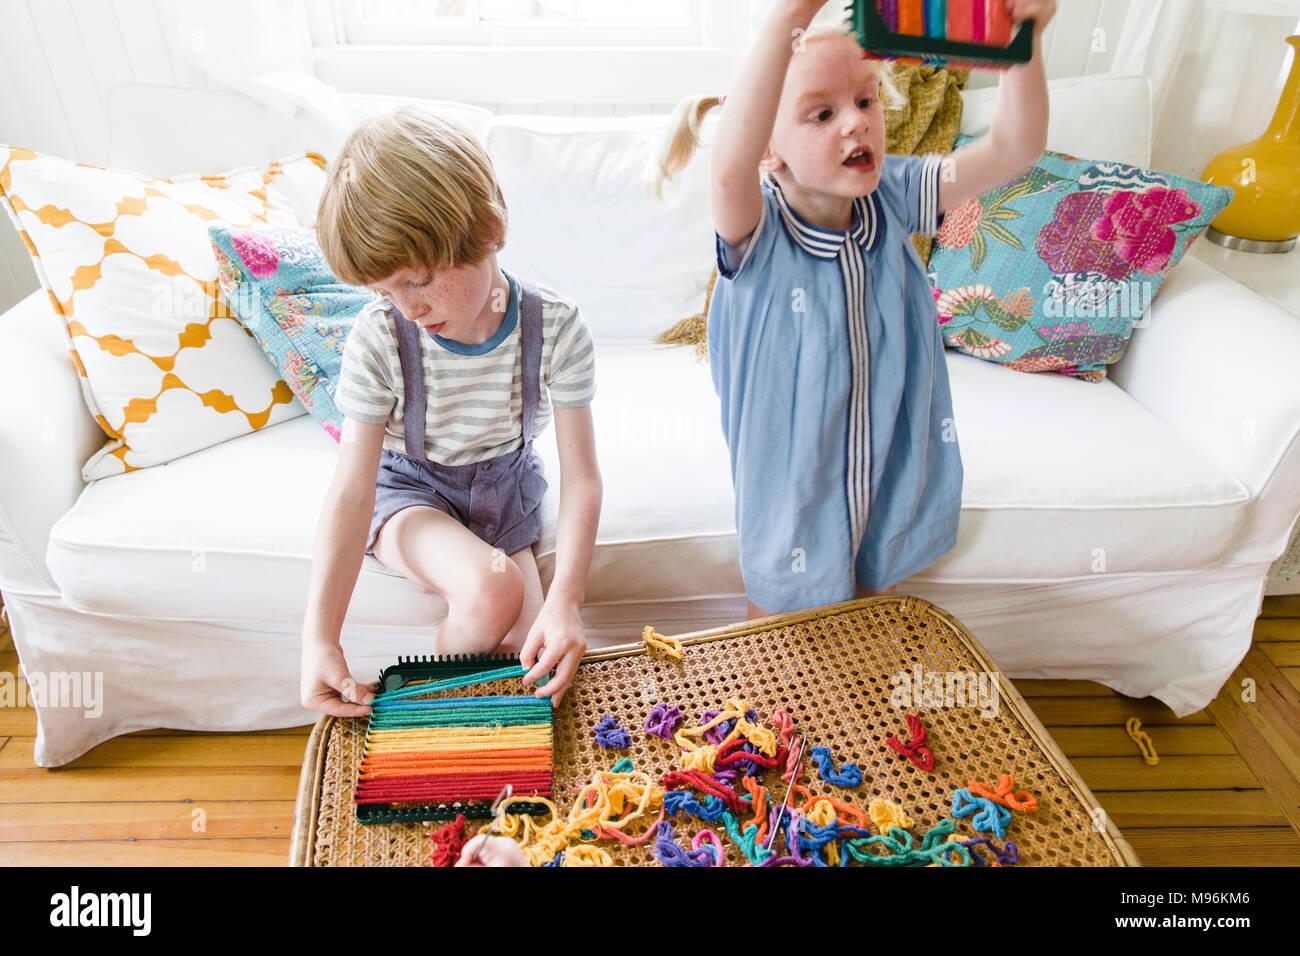 Children making potholders - Stock Image